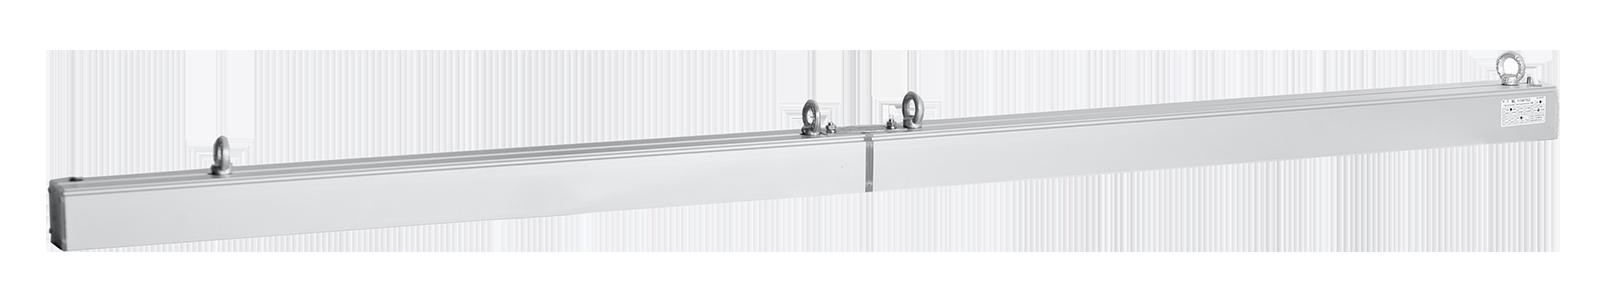 Линейный торговый светодиодный светильник LINE-T-013-22-50r